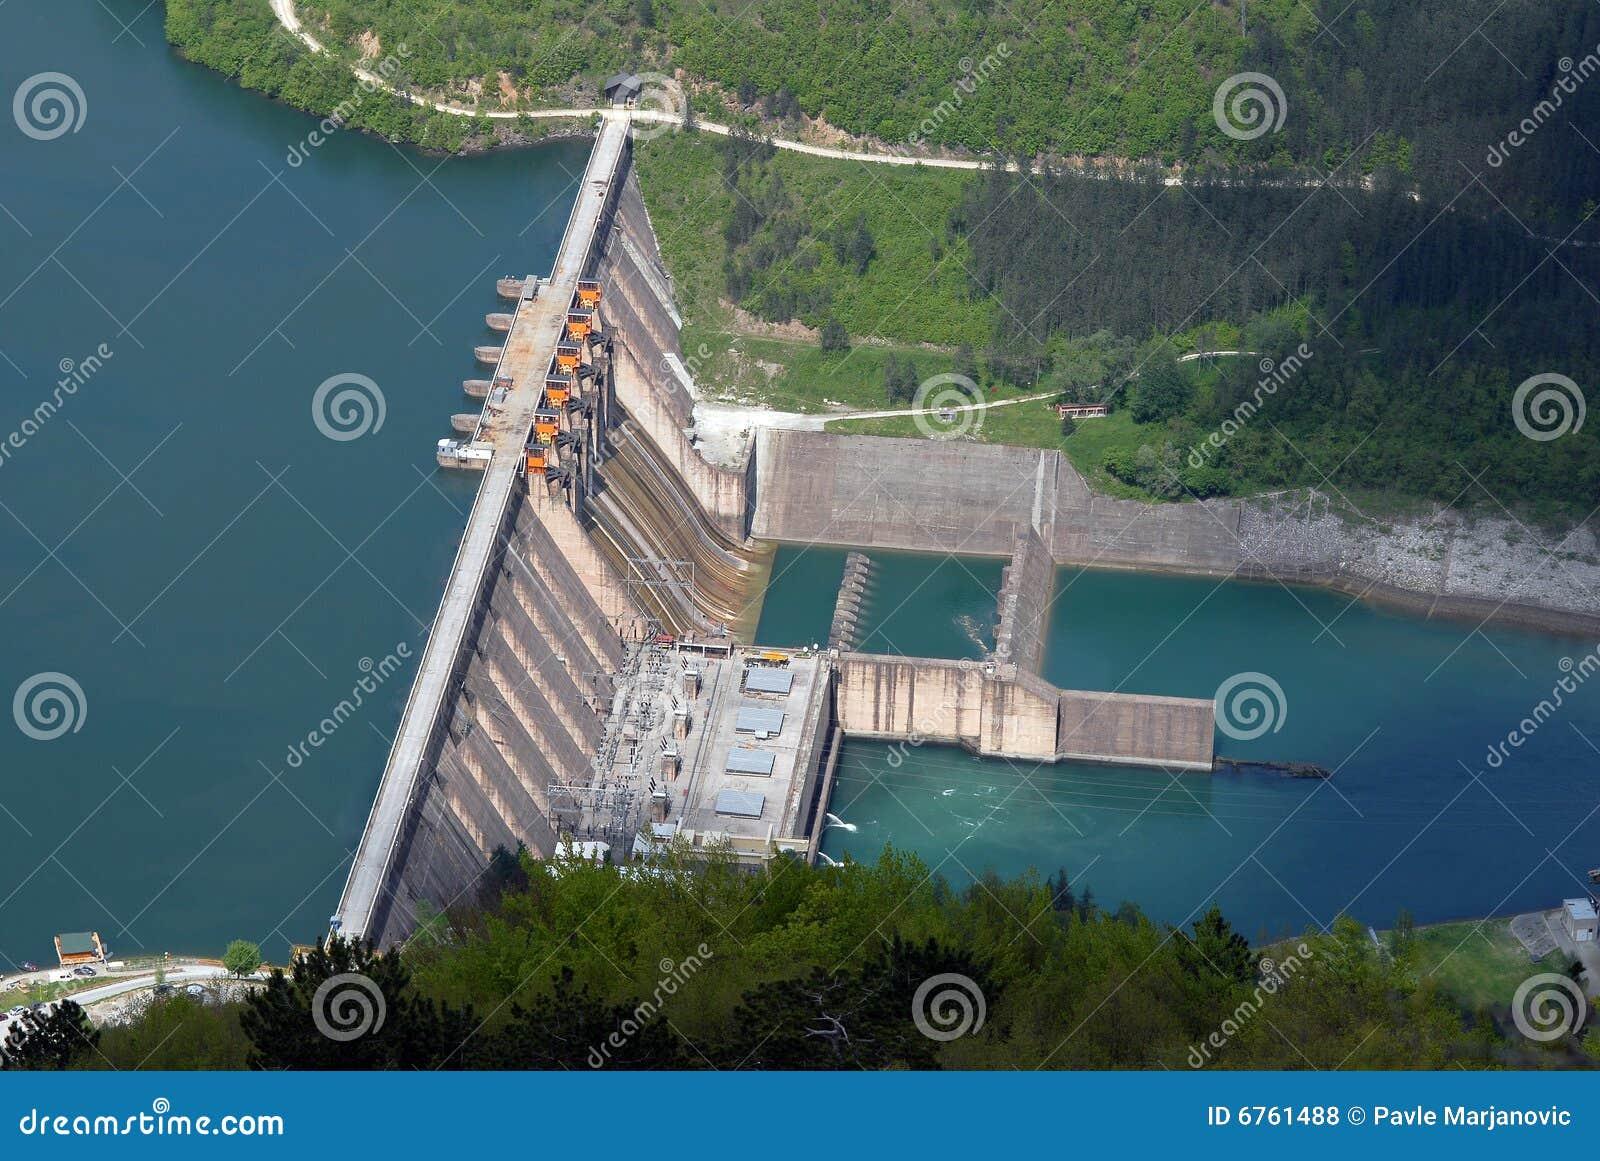 Presa de la barrera de agua